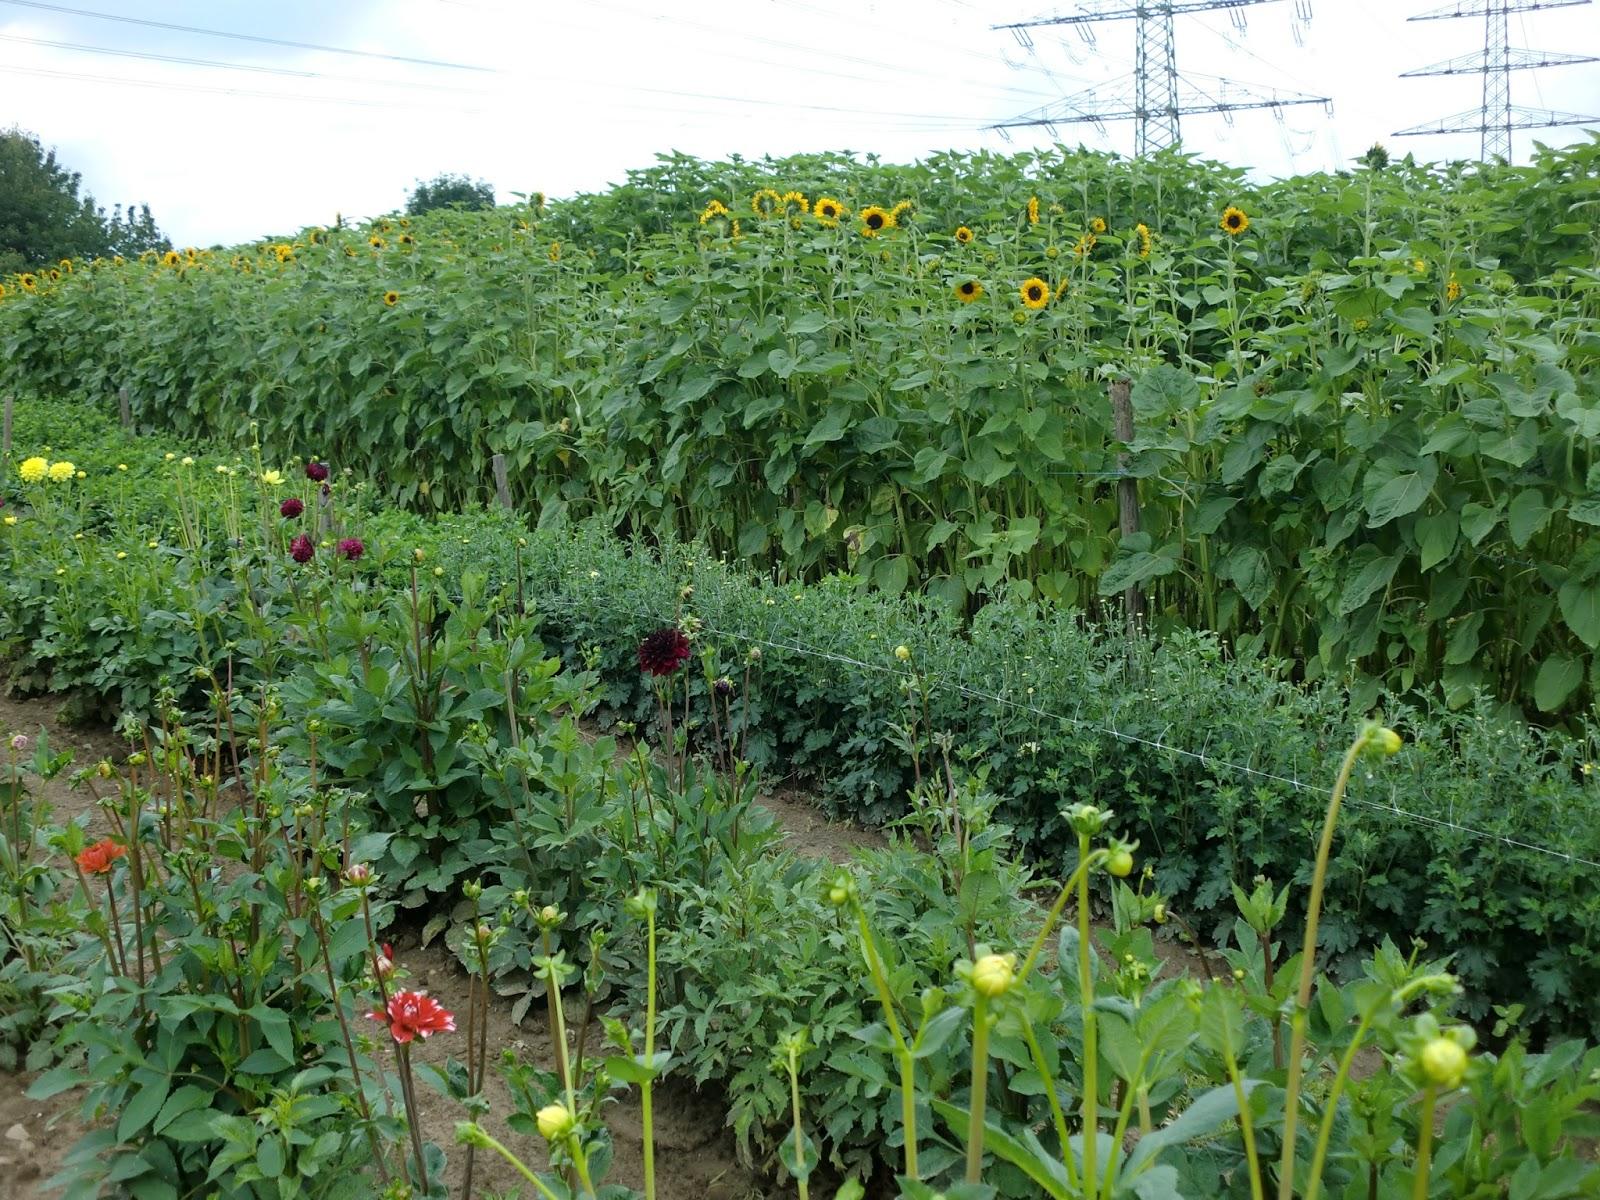 Blumenfeld Dahlien und Sonnenblumen